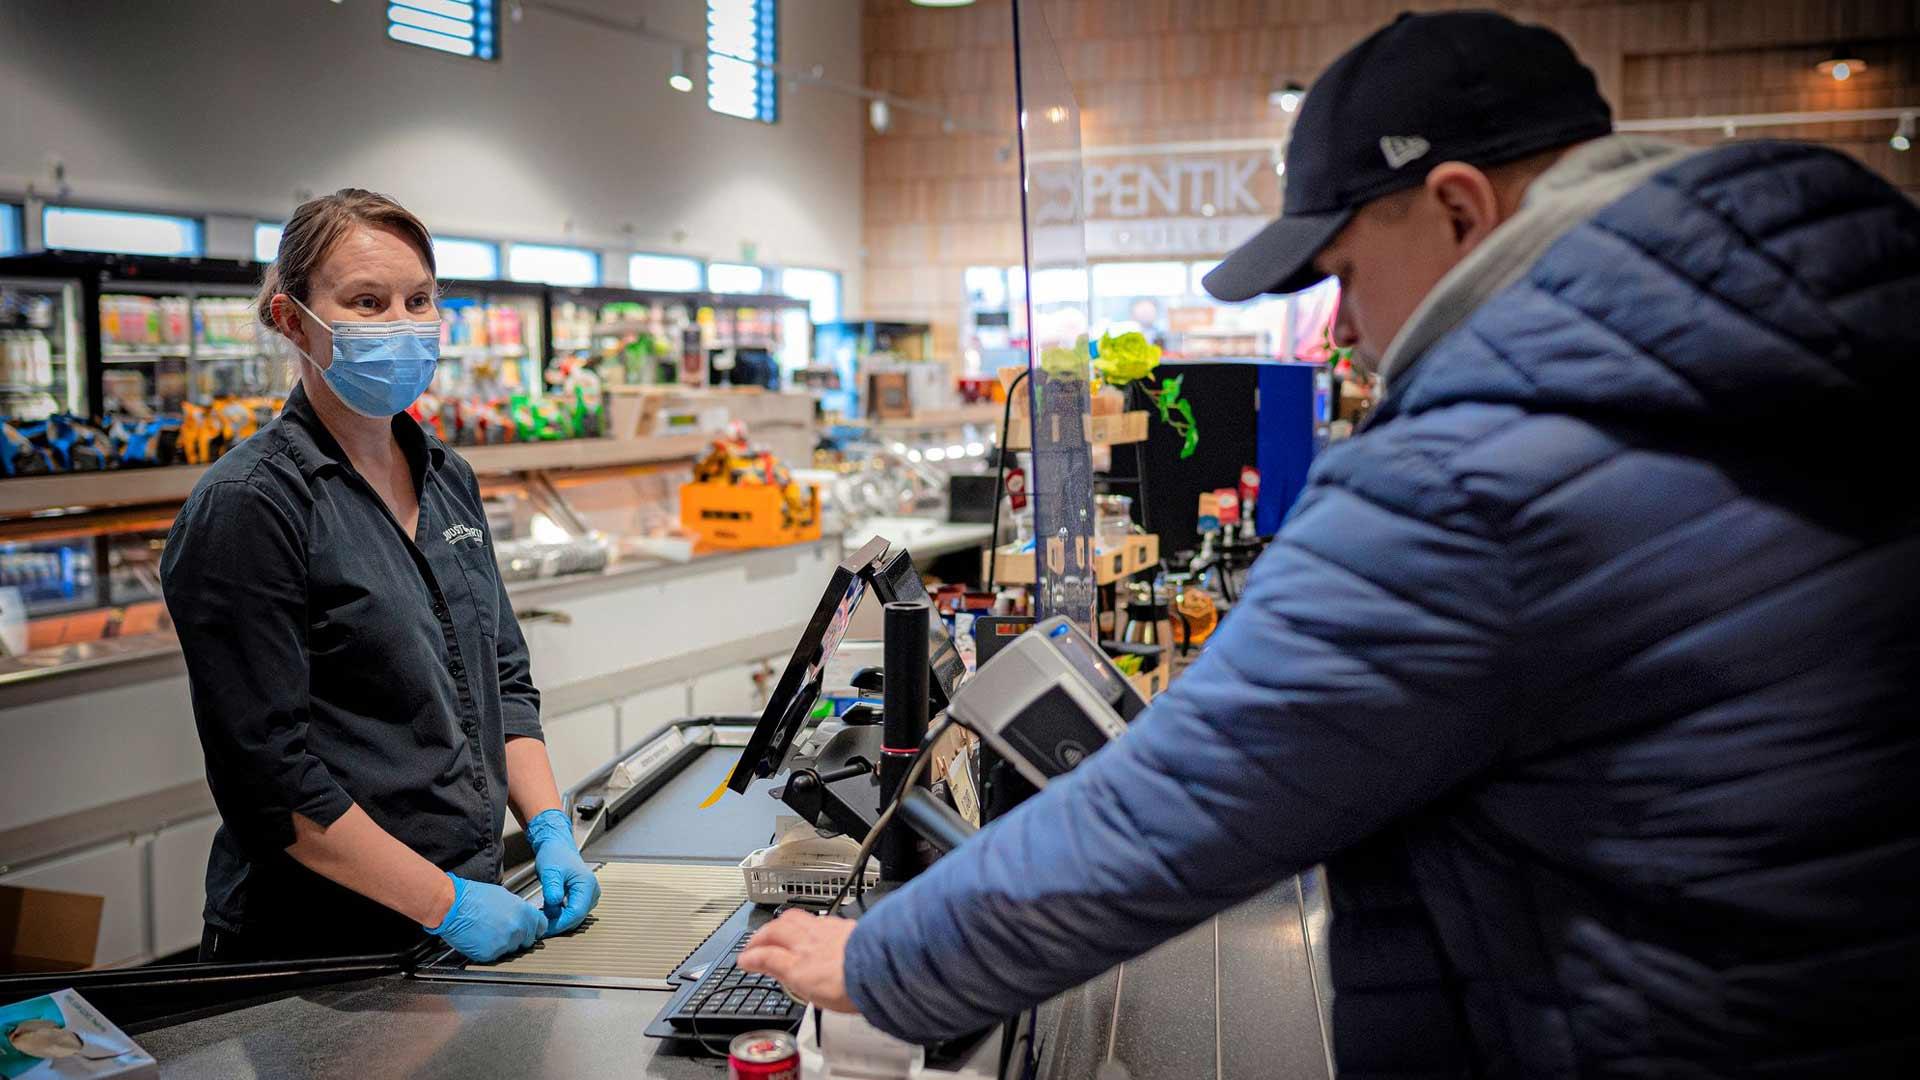 Niina Hyytinen palveli asiakkaita Juustoportin ravintolassa.